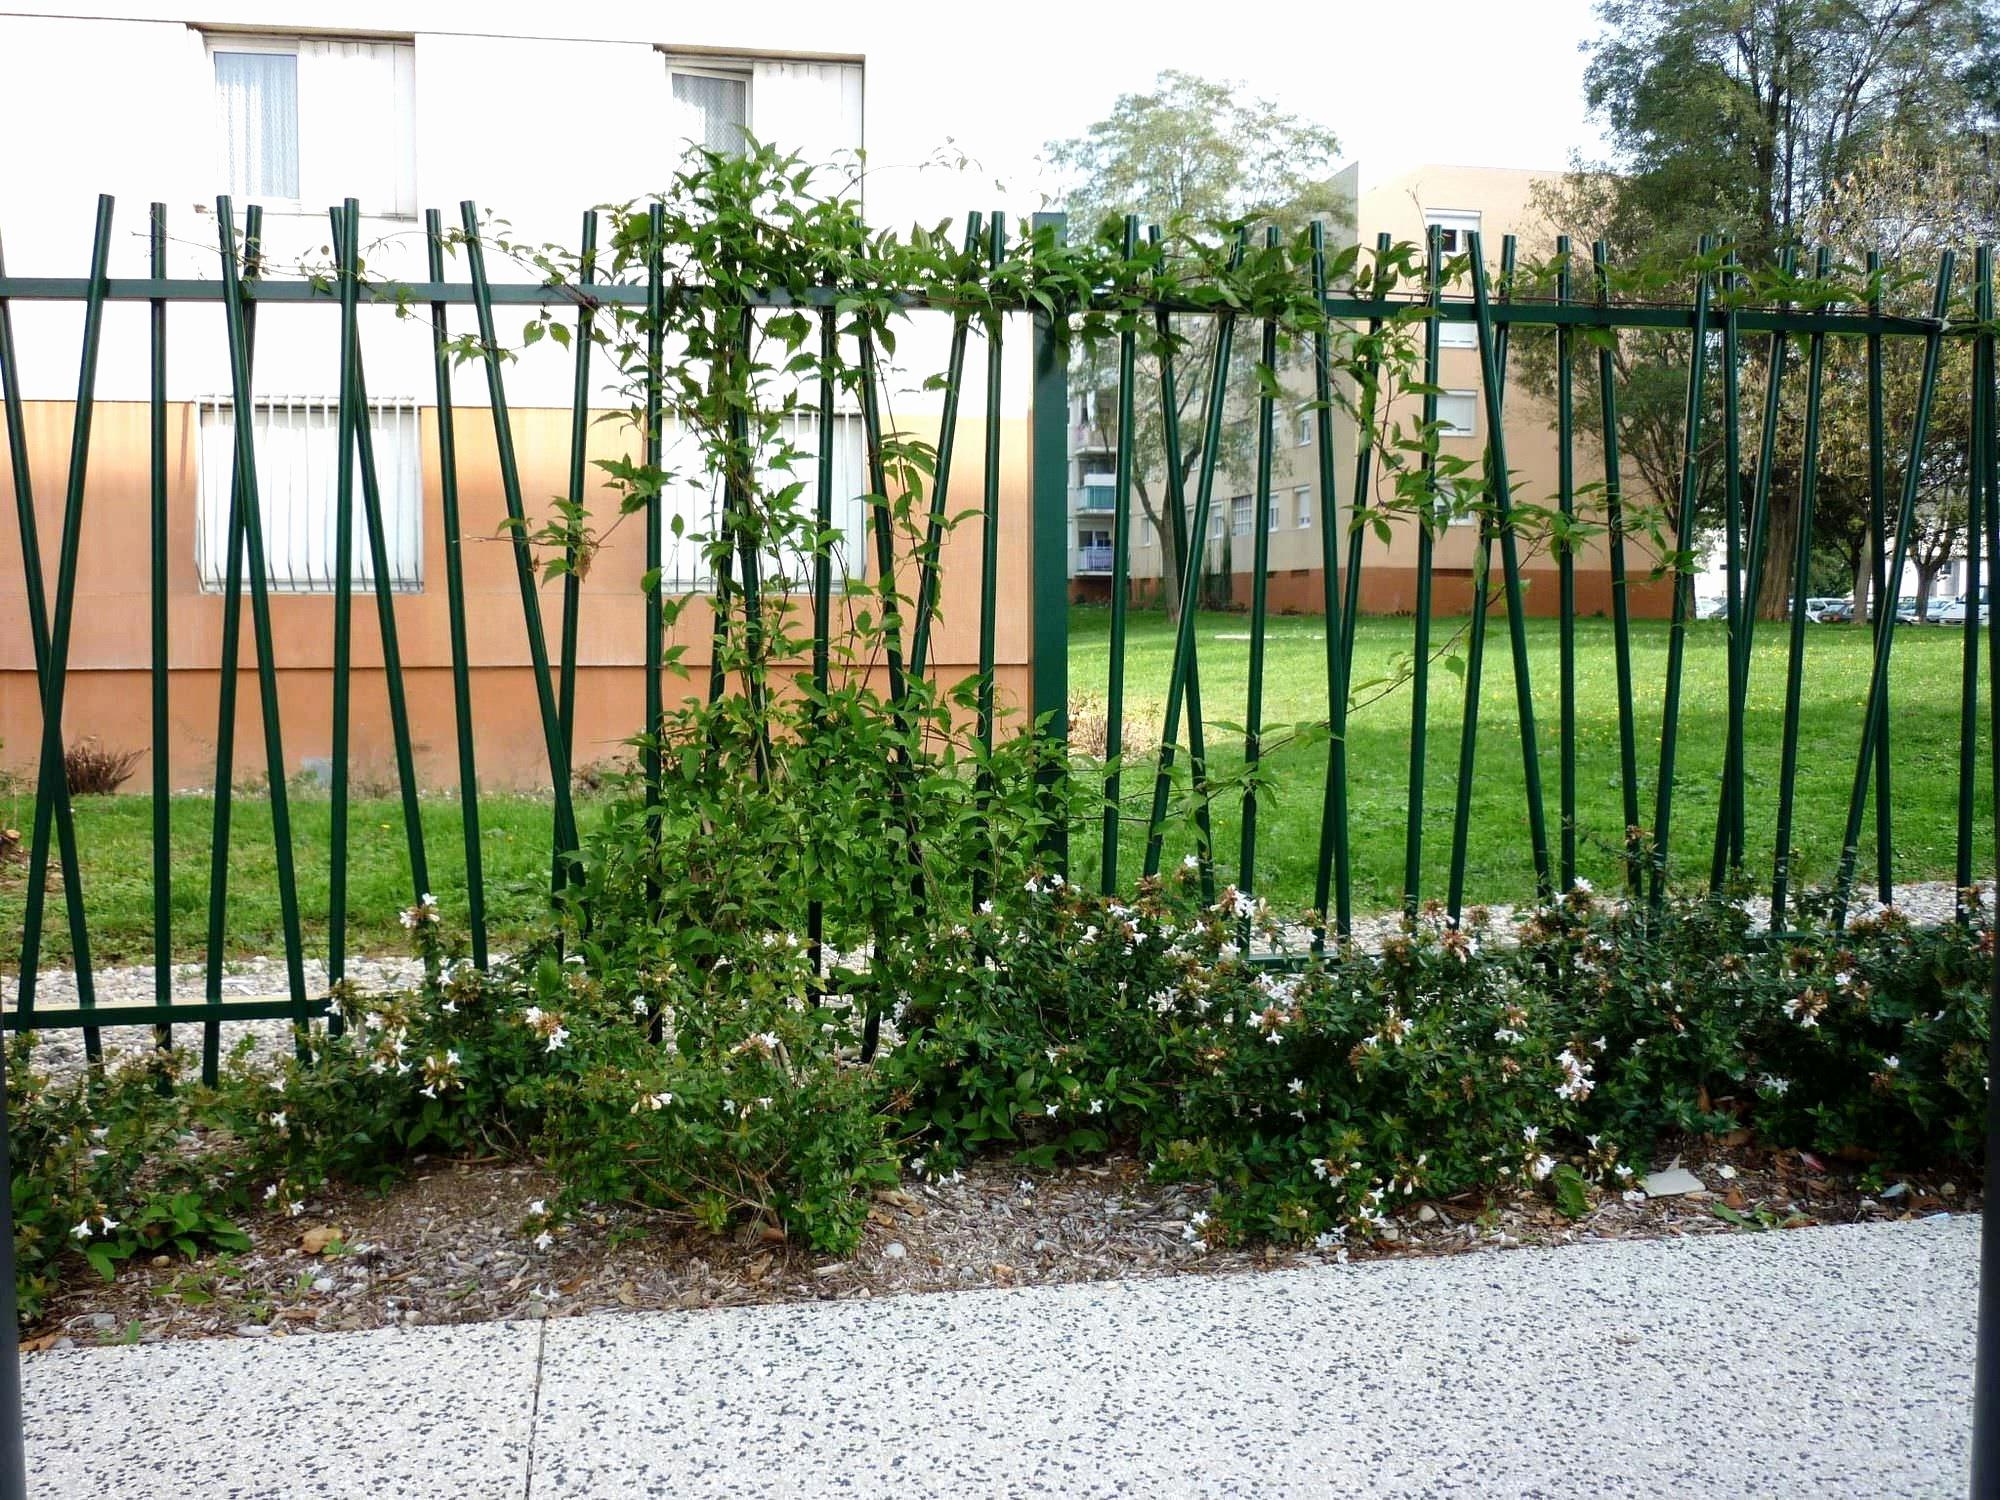 Abri De Jardin En Bois Castorama Unique Collection Magasin Jardin Belgique Nouveau Abri De Jardin Bois Castorama De